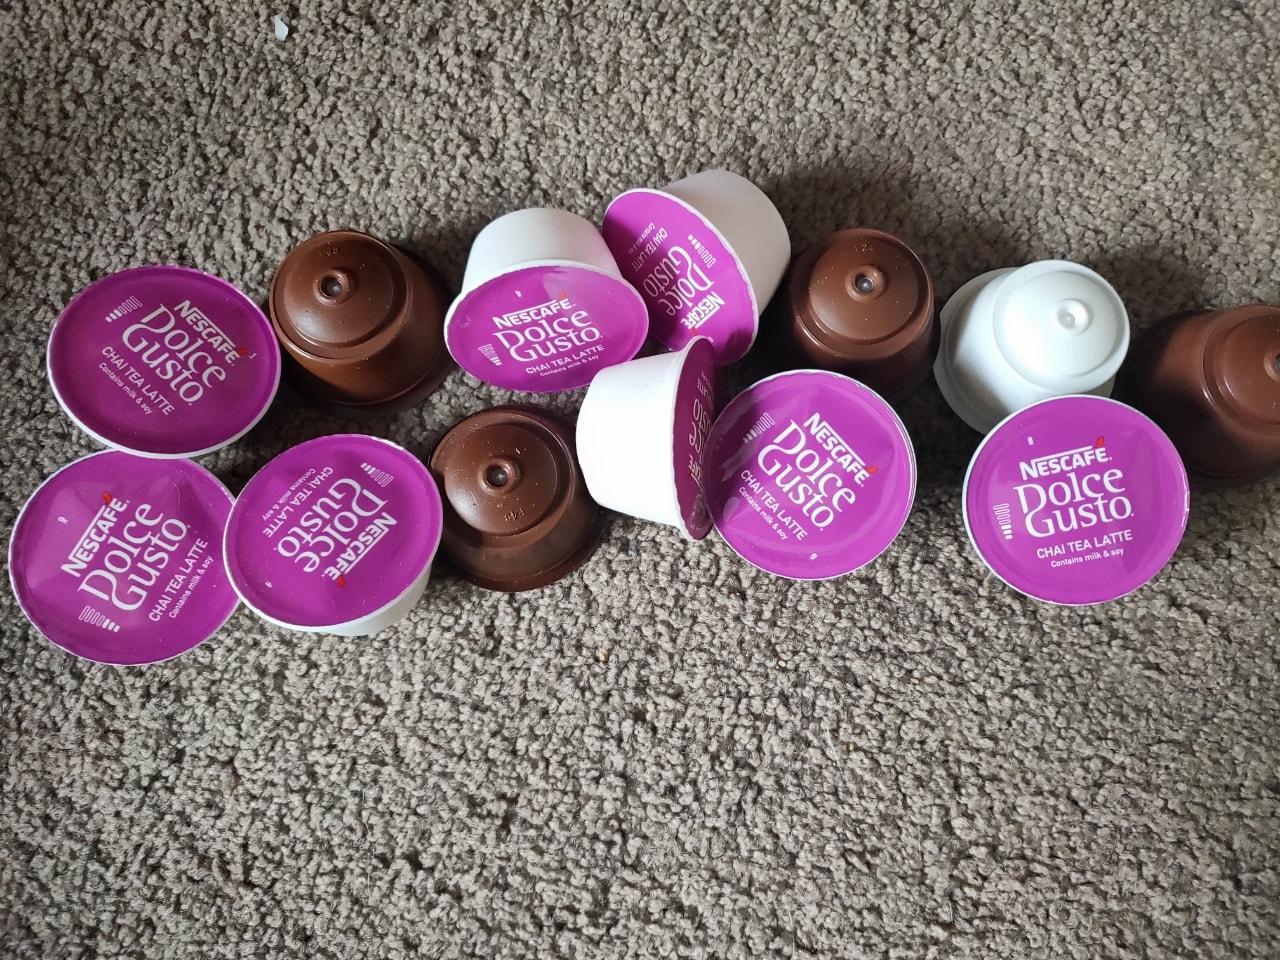 Dolce Gusto - Chai Tea Latte pods